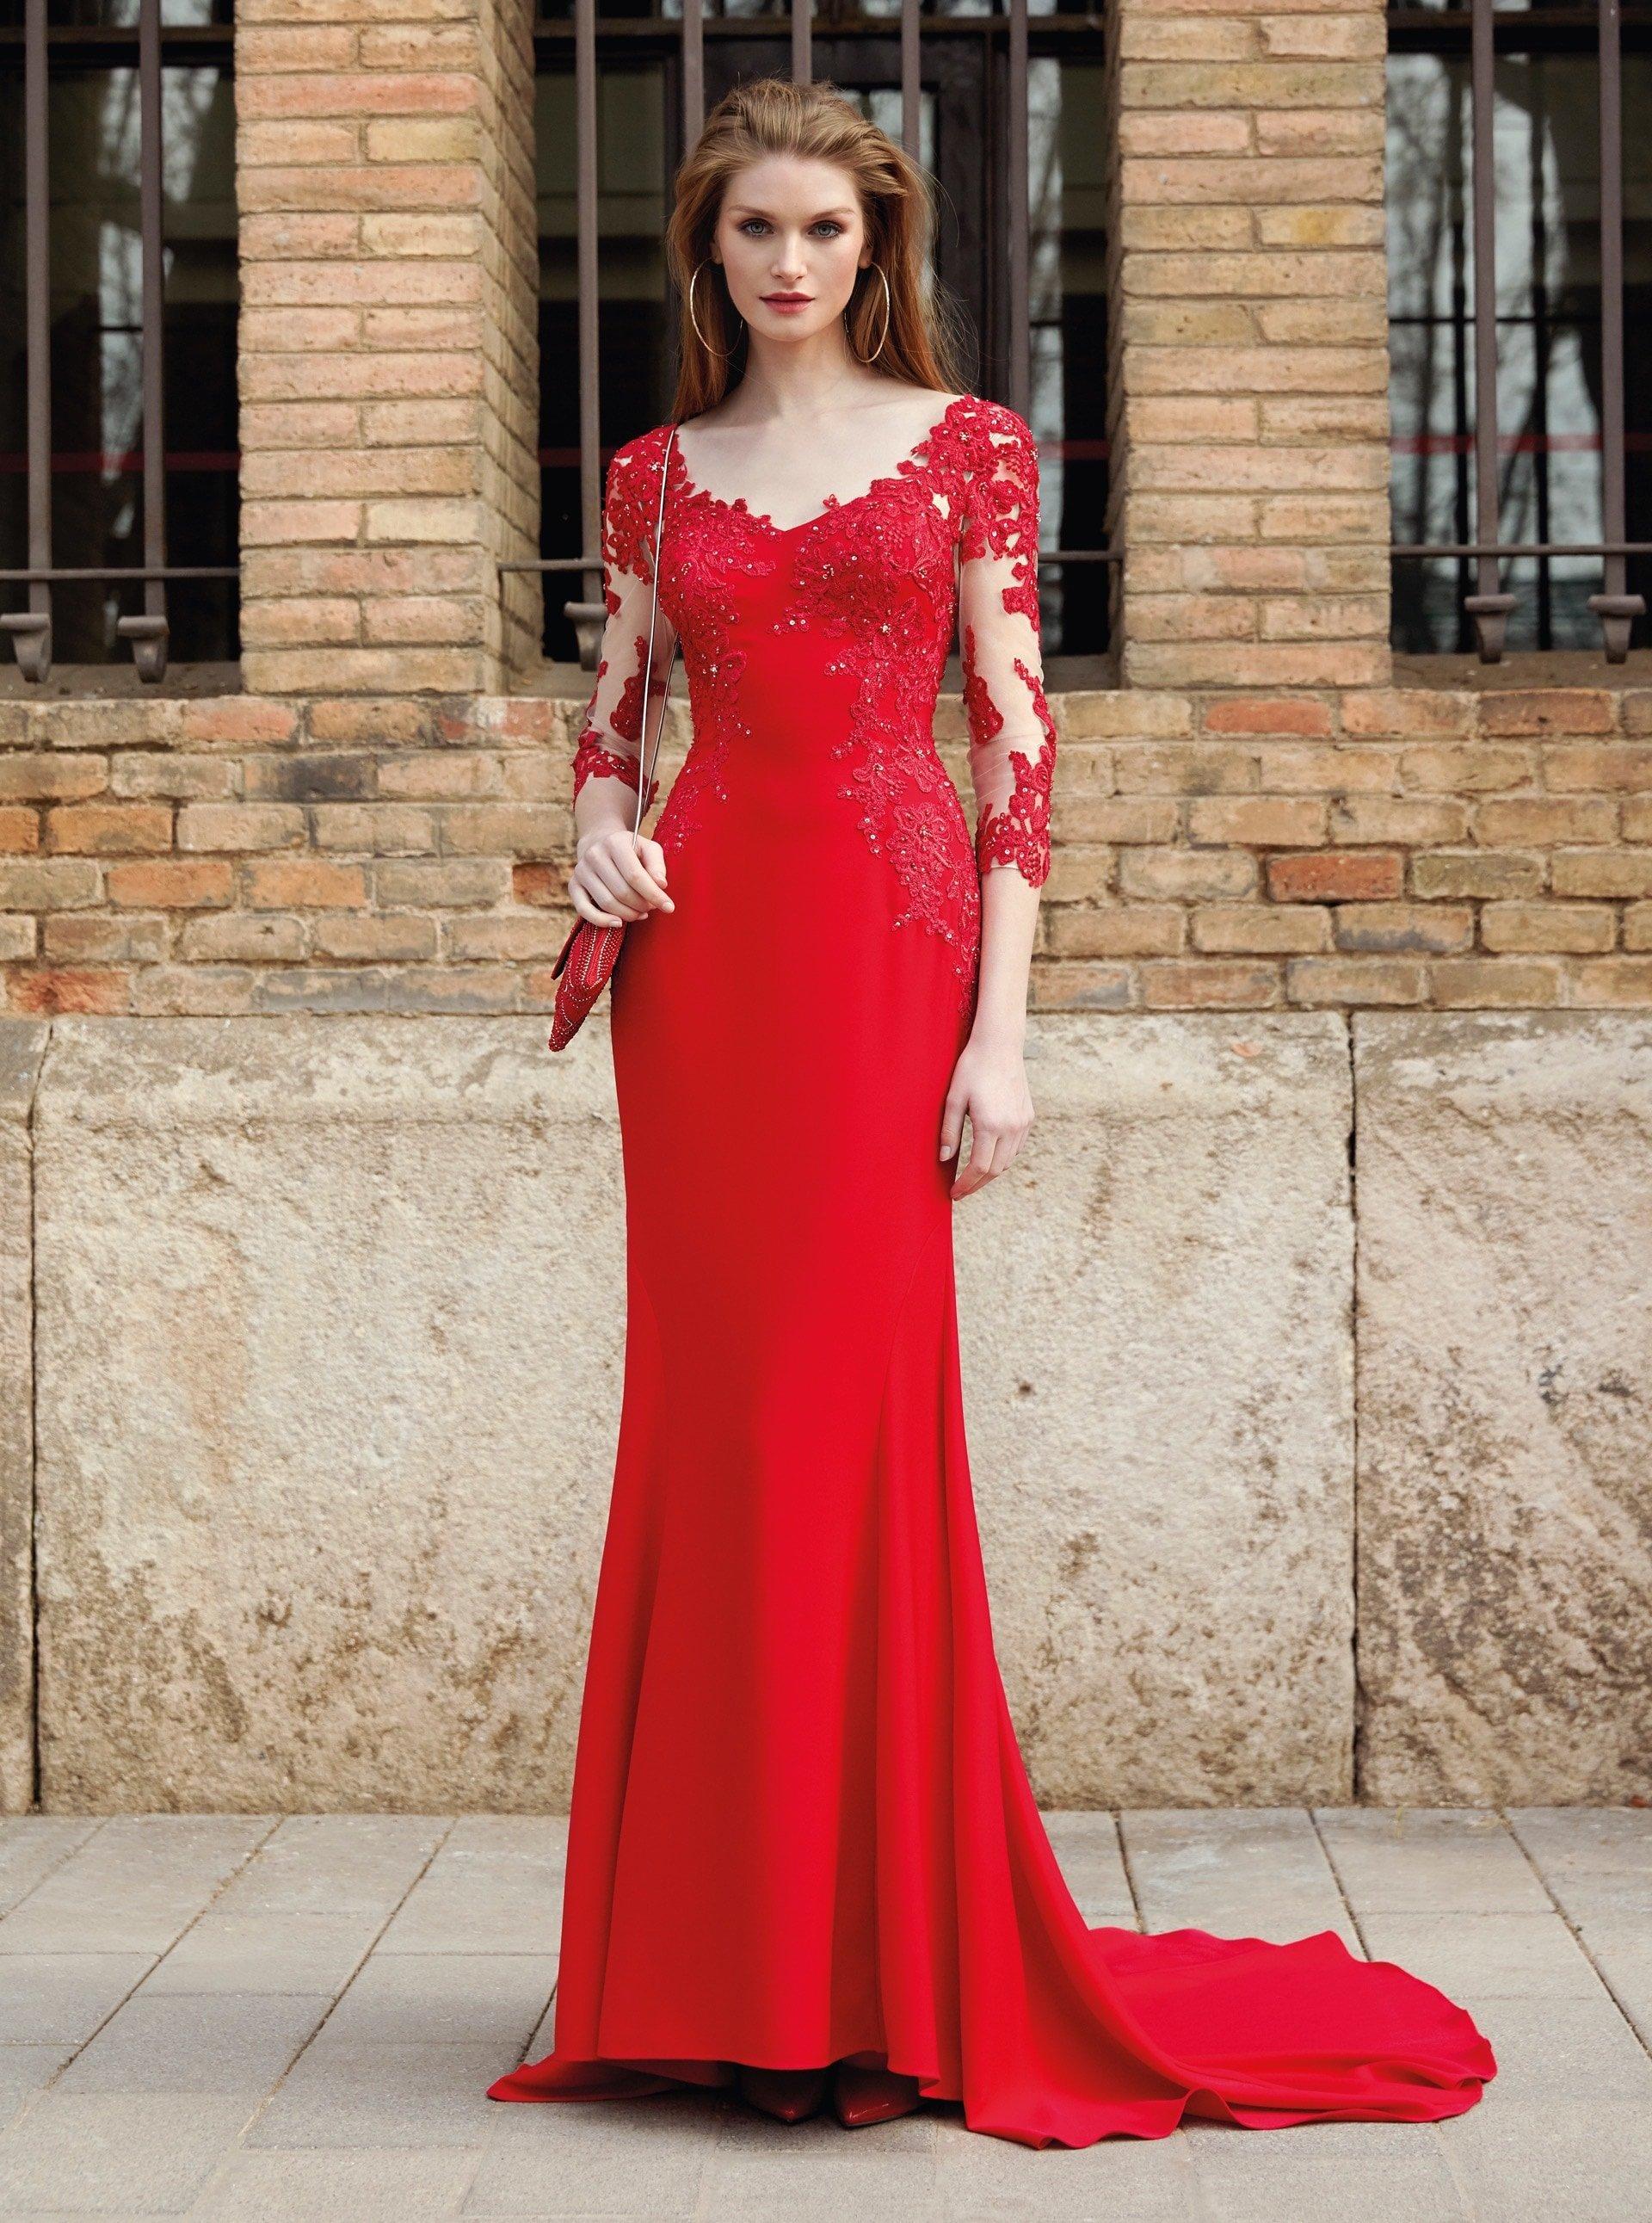 Langes Kleid mit V-Ausschnitt und langen Ärmeln mit Tattoo-Effekt